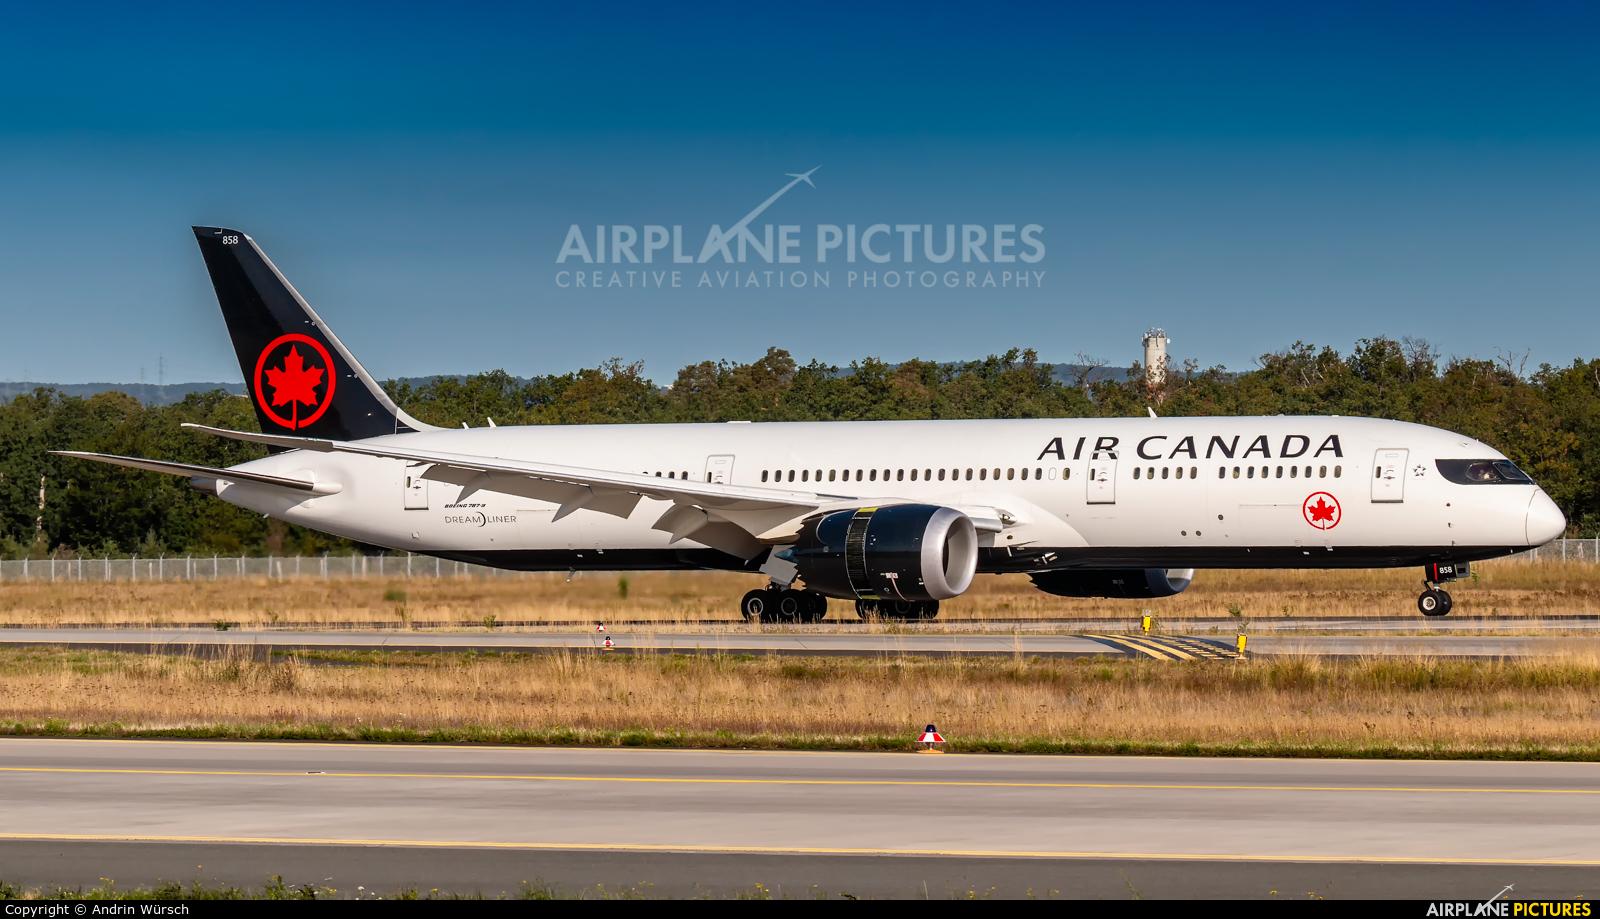 Air Canada C-FVND aircraft at Frankfurt